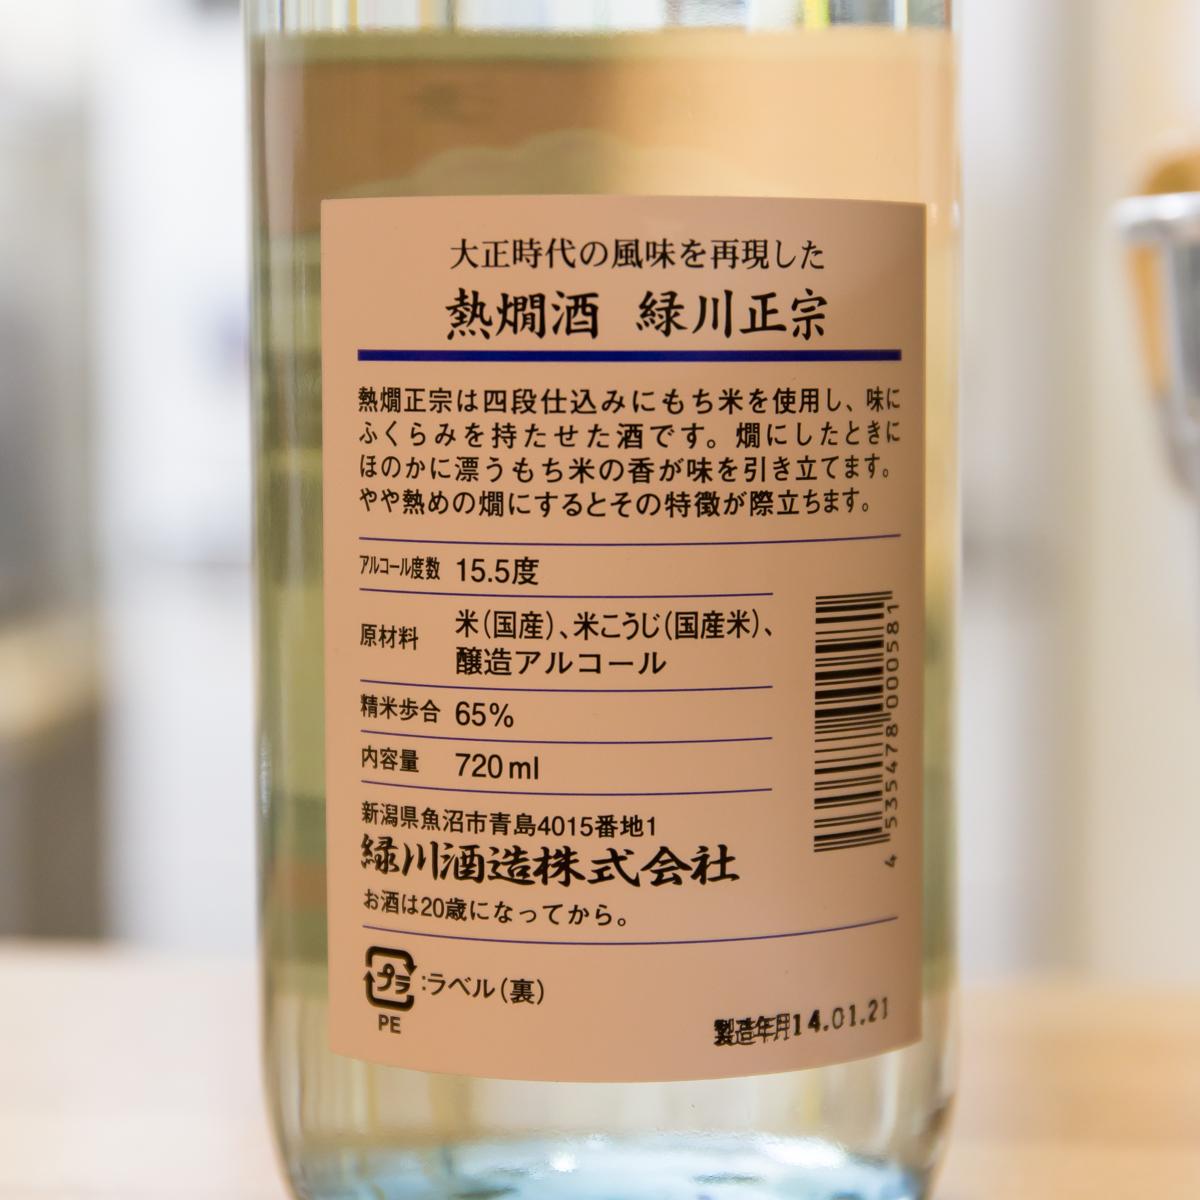 熱燗酒緑川正宗(4)